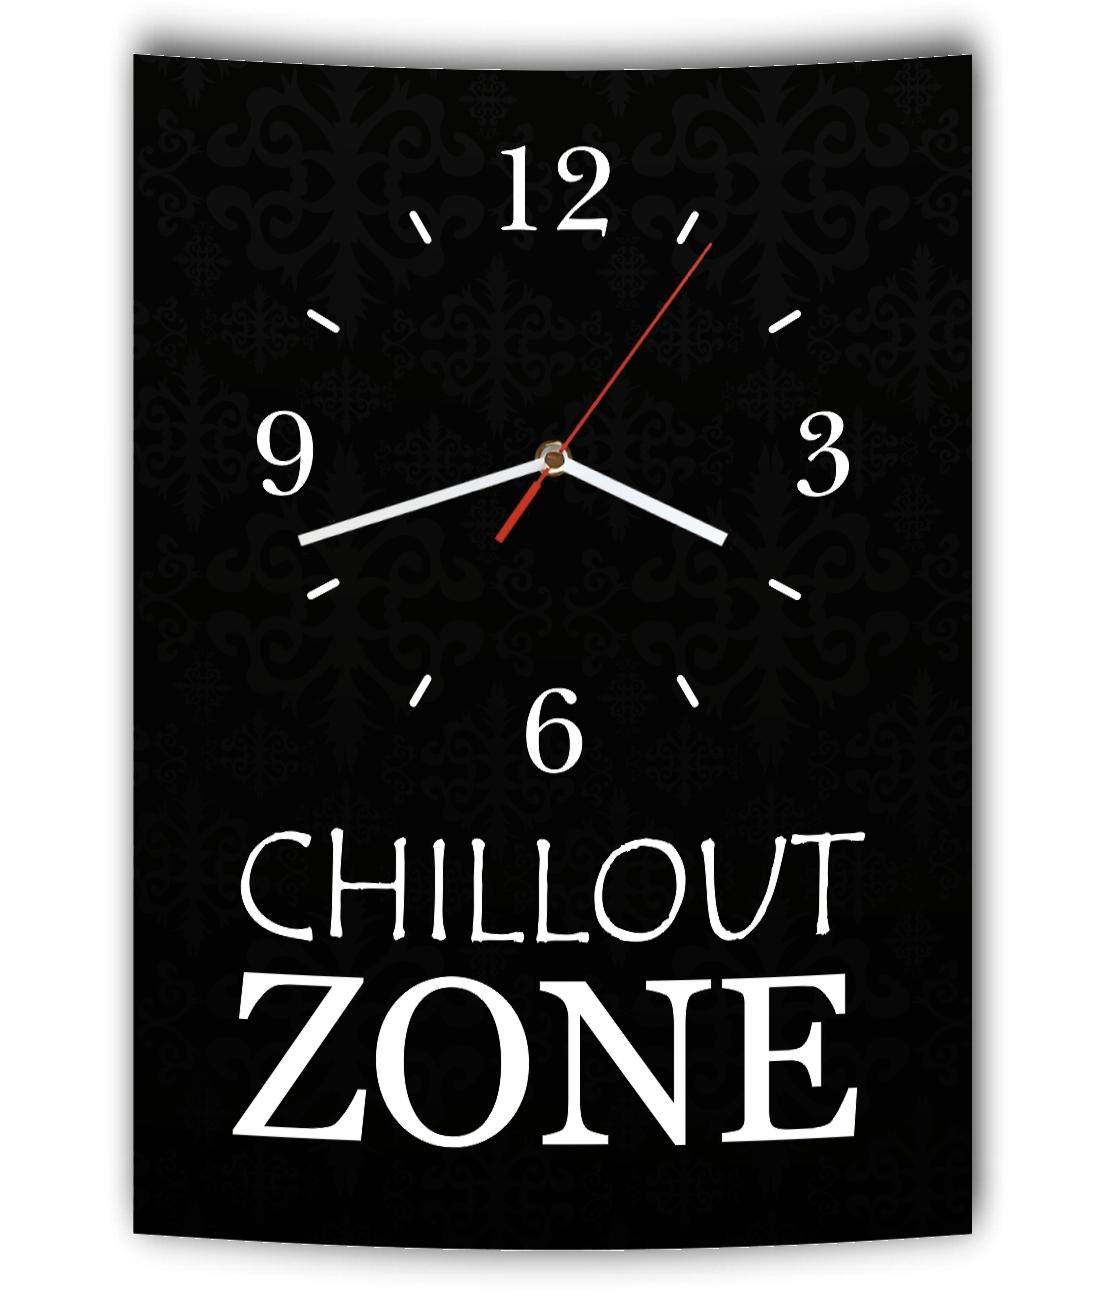 Wanduhren Weitere Uhren Lautlose Designer Wanduhr Mit Spruch Chillout Zone Schwarz Weiß Modern Deko Schi Unterscheidungskraft FüR Seine Traditionellen Eigenschaften